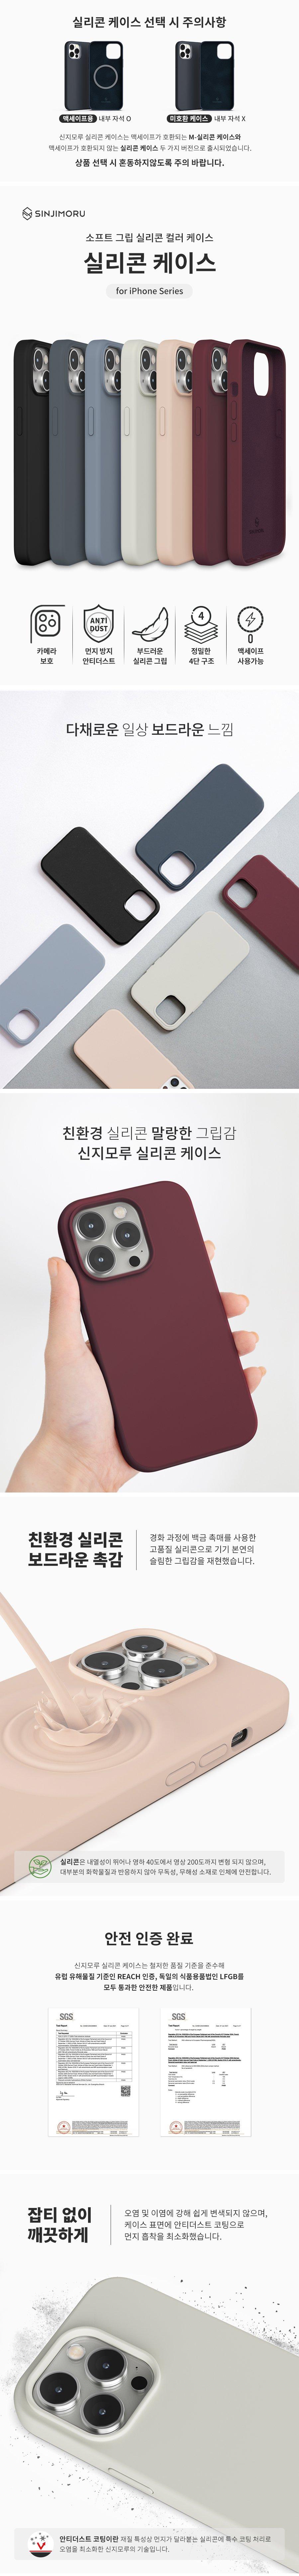 신지모루(SINJIMORU) 아이폰 12/프로/미니/11/맥스/X/XS/XR/Max/SE2/7/8 전기종 소프트 컬러 실리콘 케이스